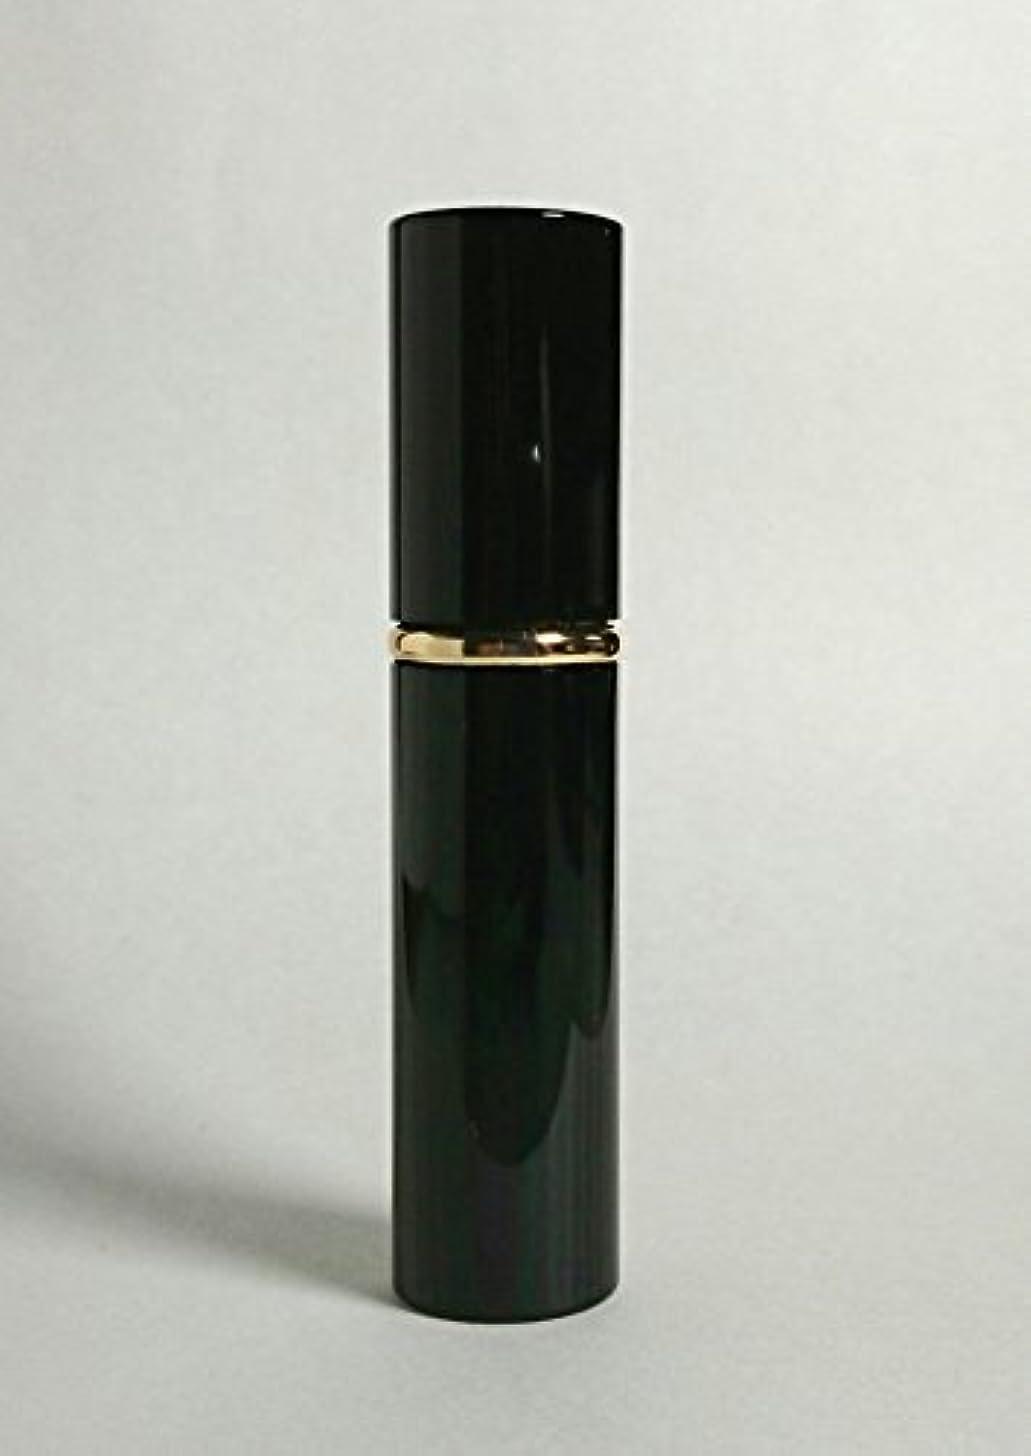 ディーラーヒットリムChicca Cerchio (キッカチェルキオ) 大人香るアトマイザー メタル ブラック 男女兼用 香水入れ ロート付き (黒)